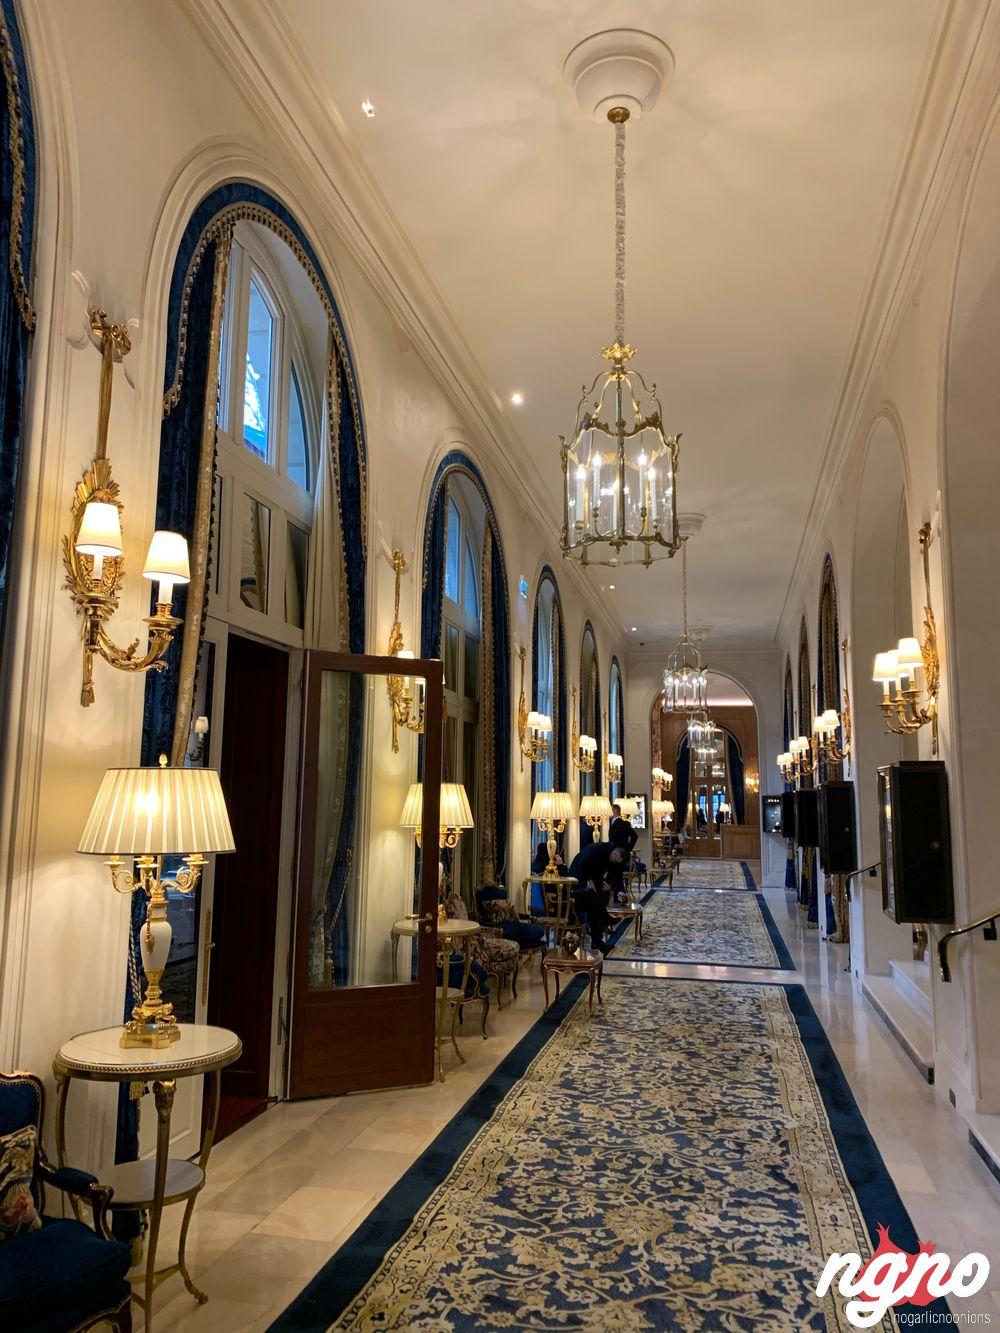 ritz-hotel-paris-nogarlicnoonions-662019-02-22-11-58-01